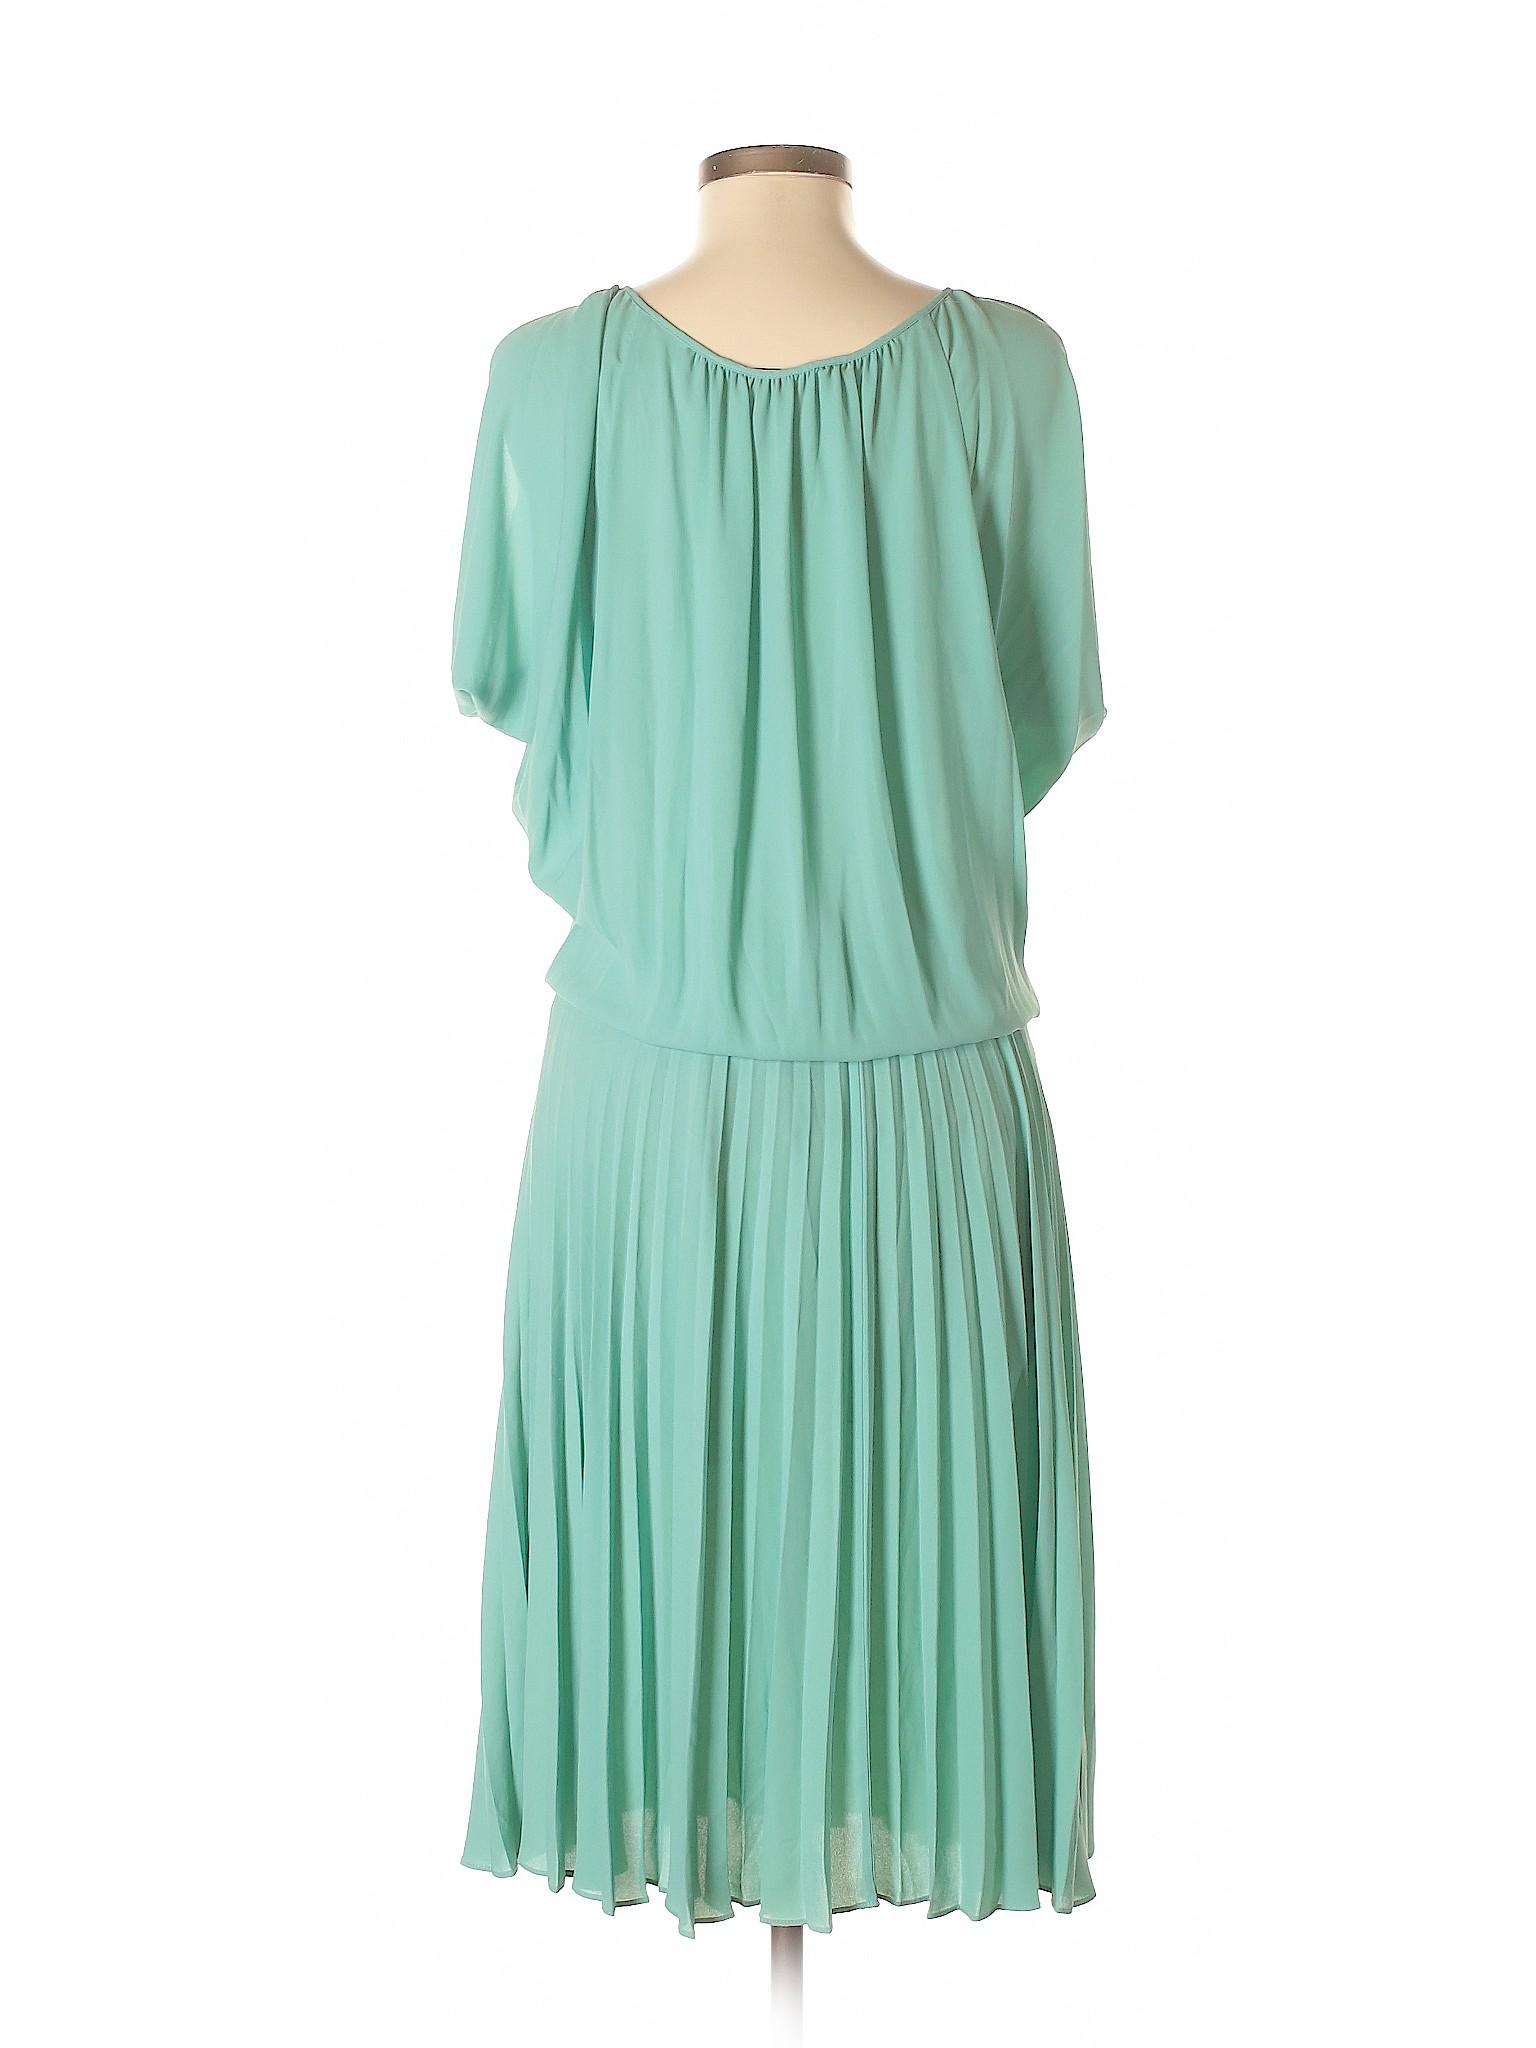 BCBGMAXAZRIA BCBGMAXAZRIA Casual BCBGMAXAZRIA Dress Dress Casual Selling Selling Selling Casual r6qI16